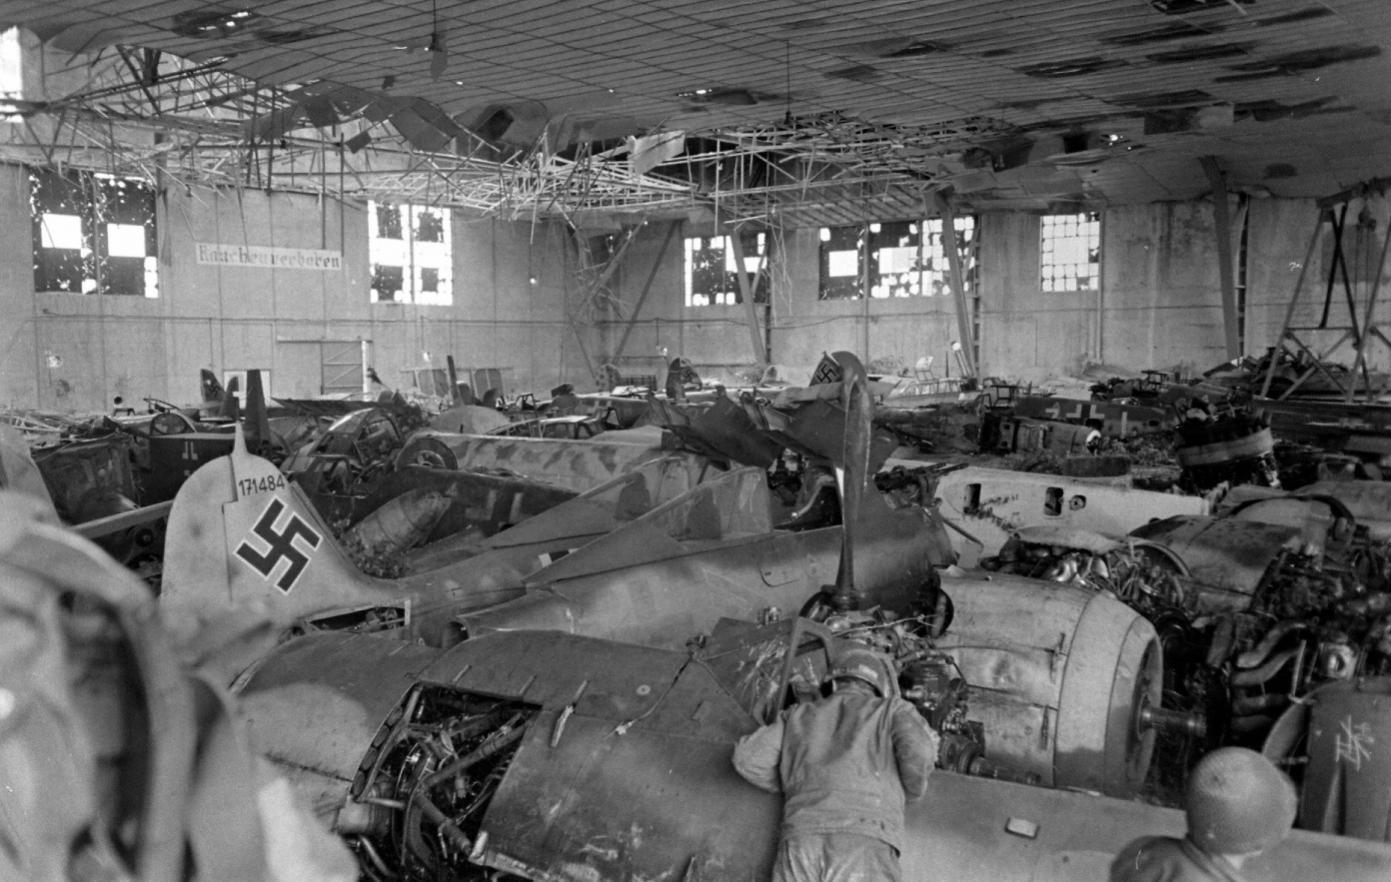 fw190_80_Rheims sept 1944.jpg